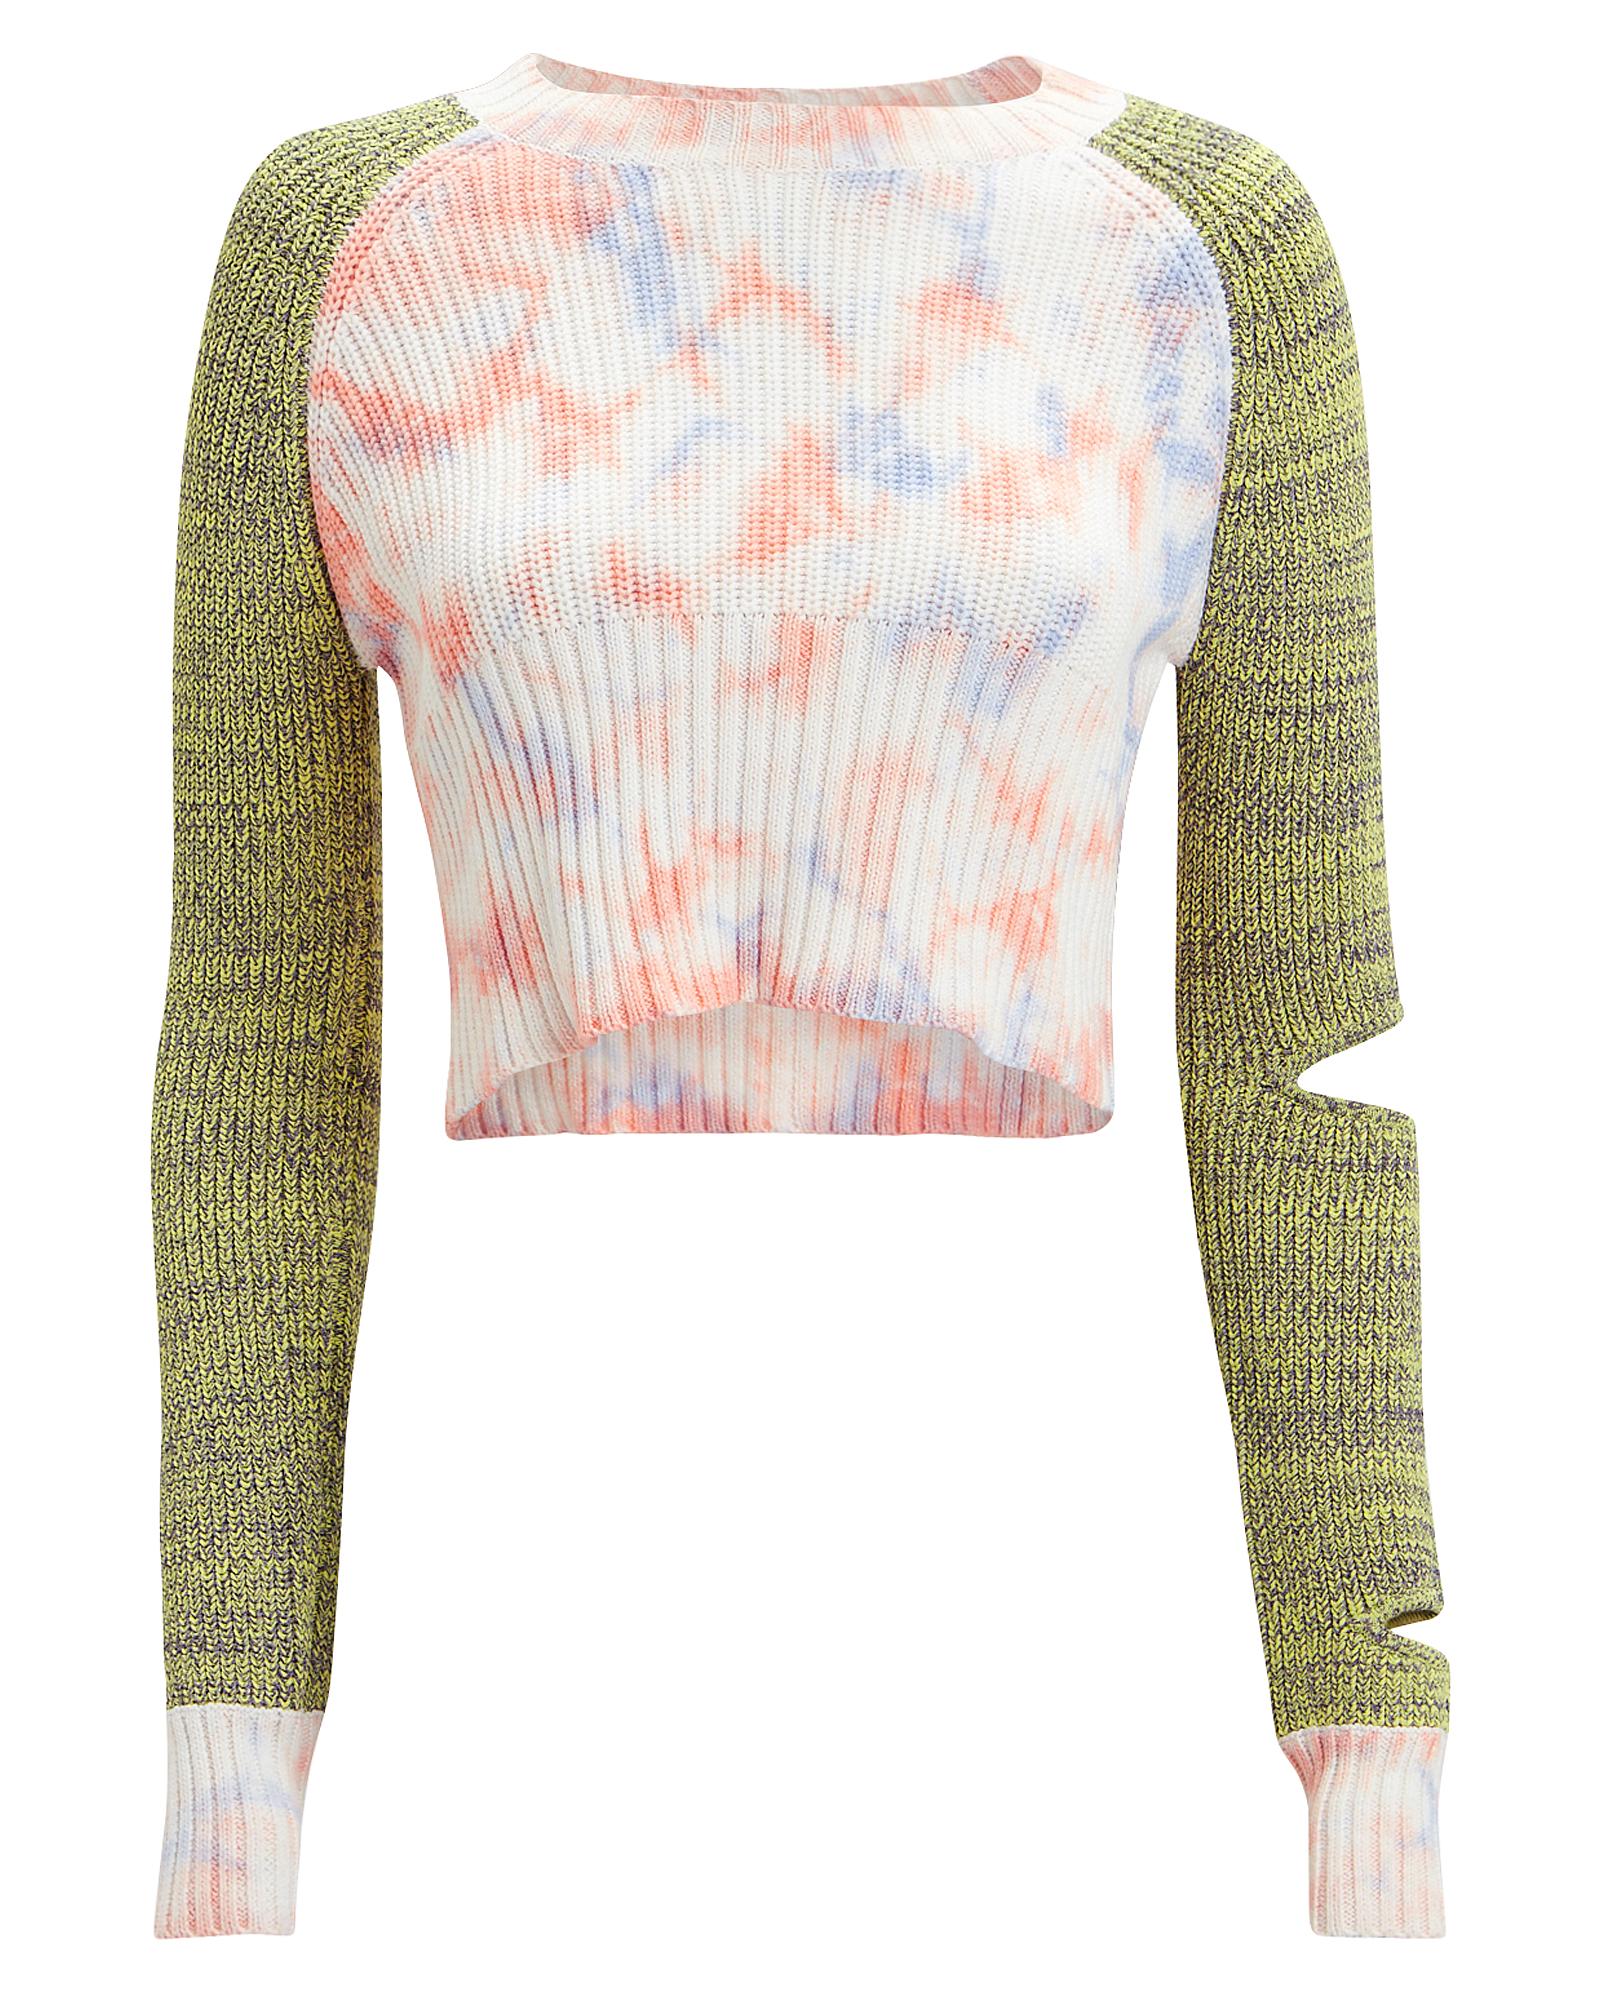 Gene Tie Dye Sweater by Zoe Jordan